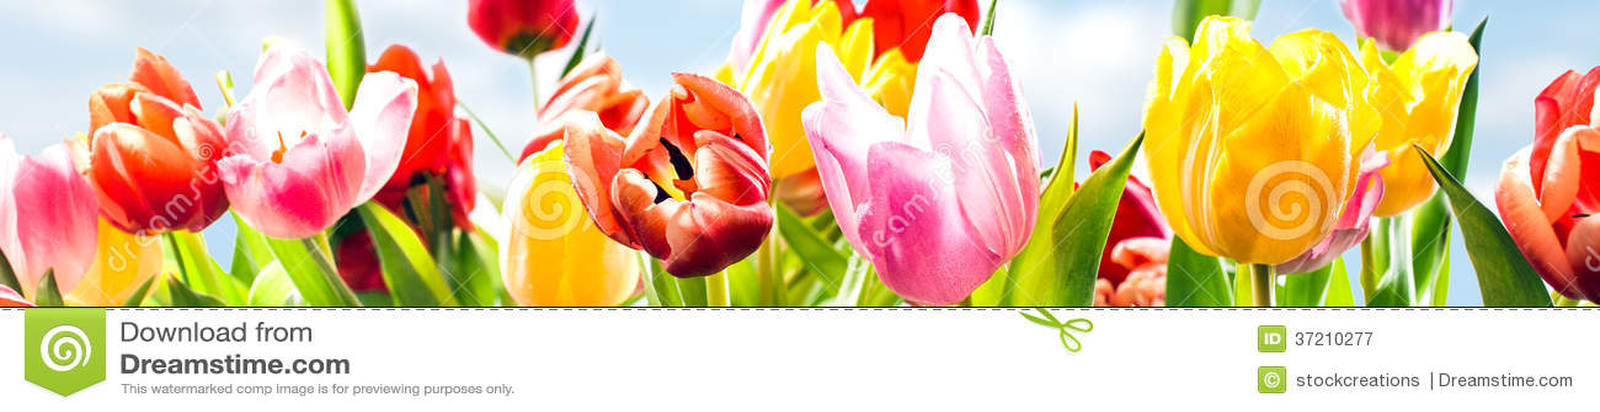 Bandera colorida de la primavera de tulipanes frescos